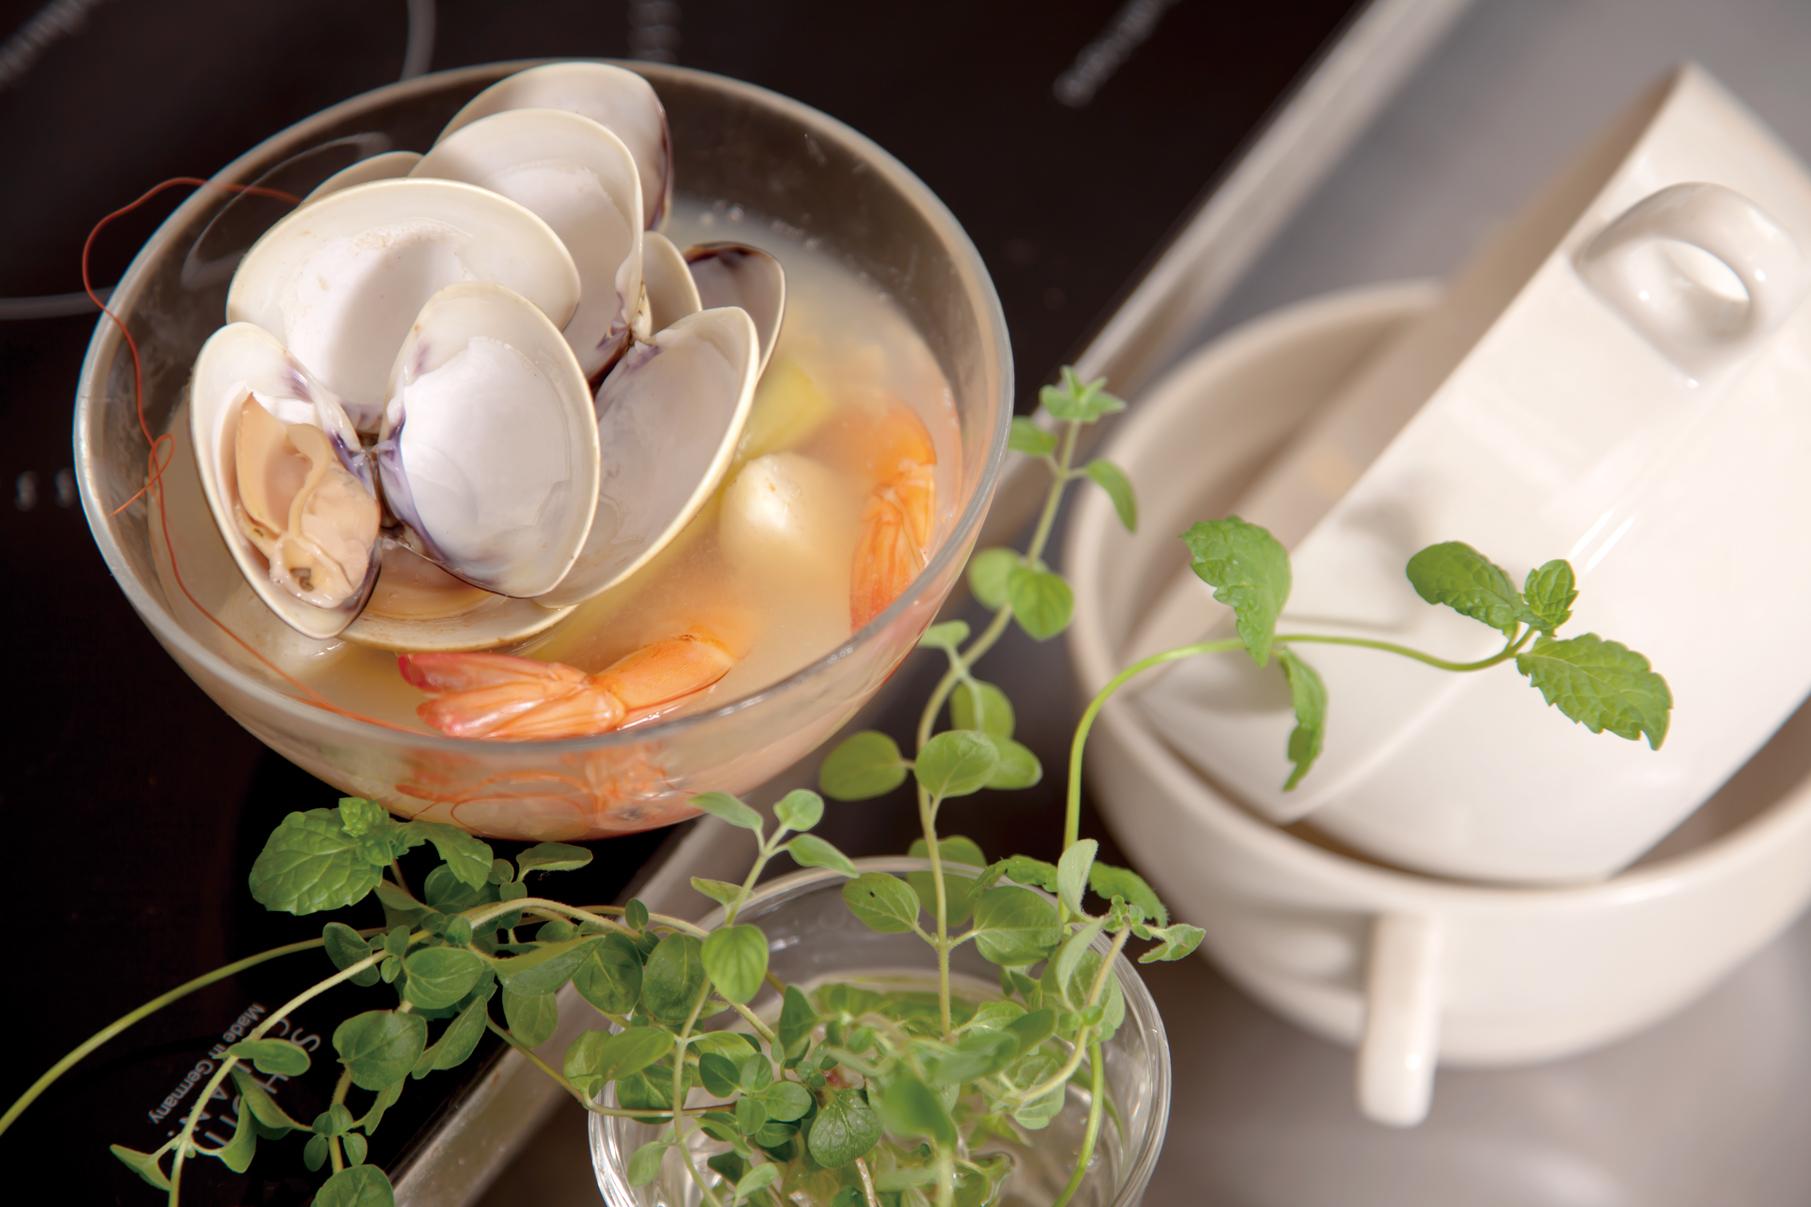 【香茅馬蹄海鮮湯】 – meiweixhiyuan 美味之緣